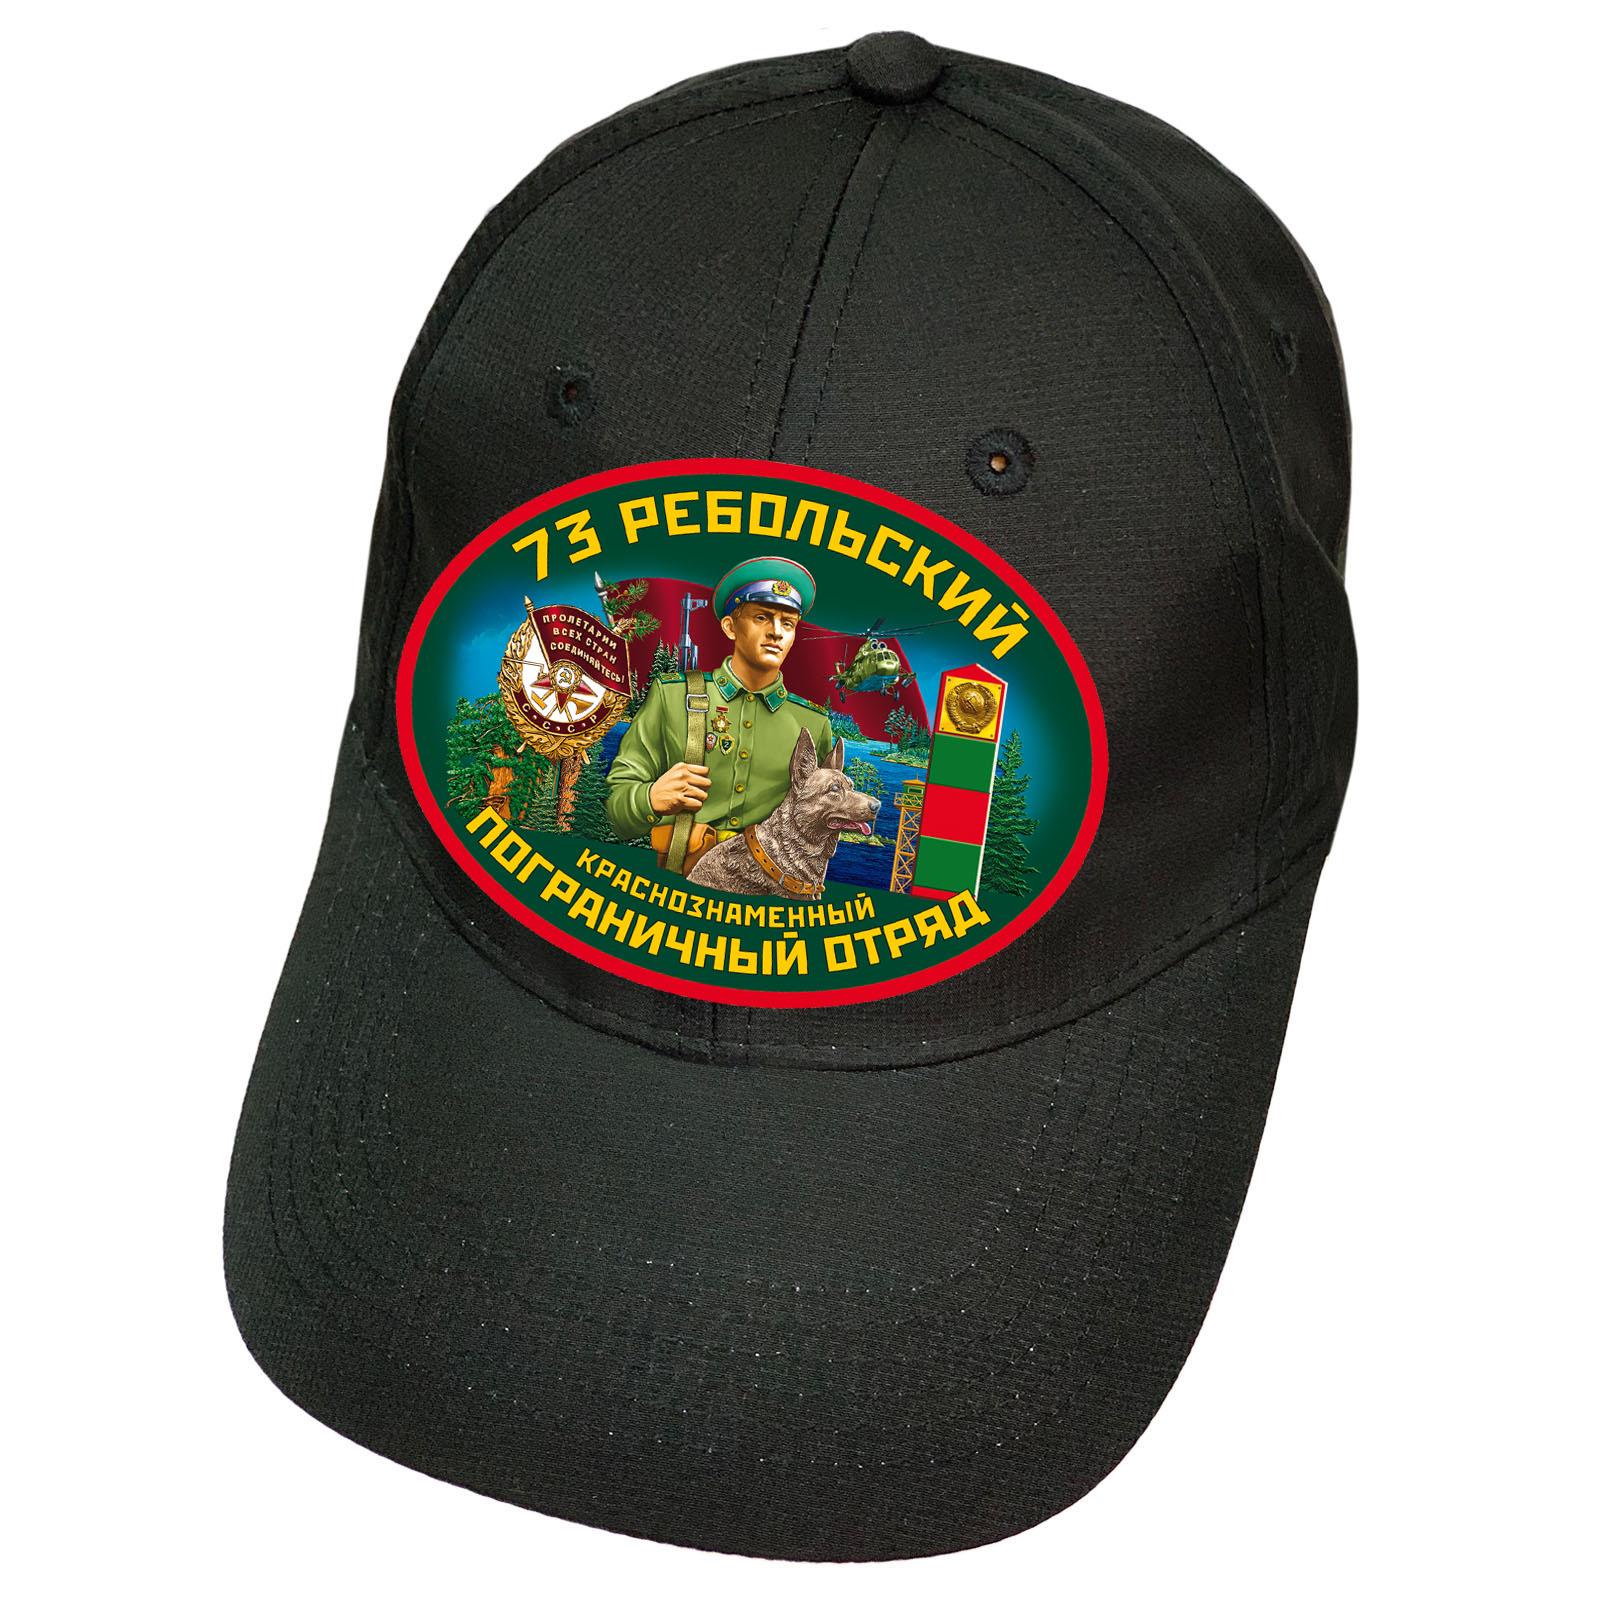 Чёрная бейсболка 73 Ребольский пограничный отряд